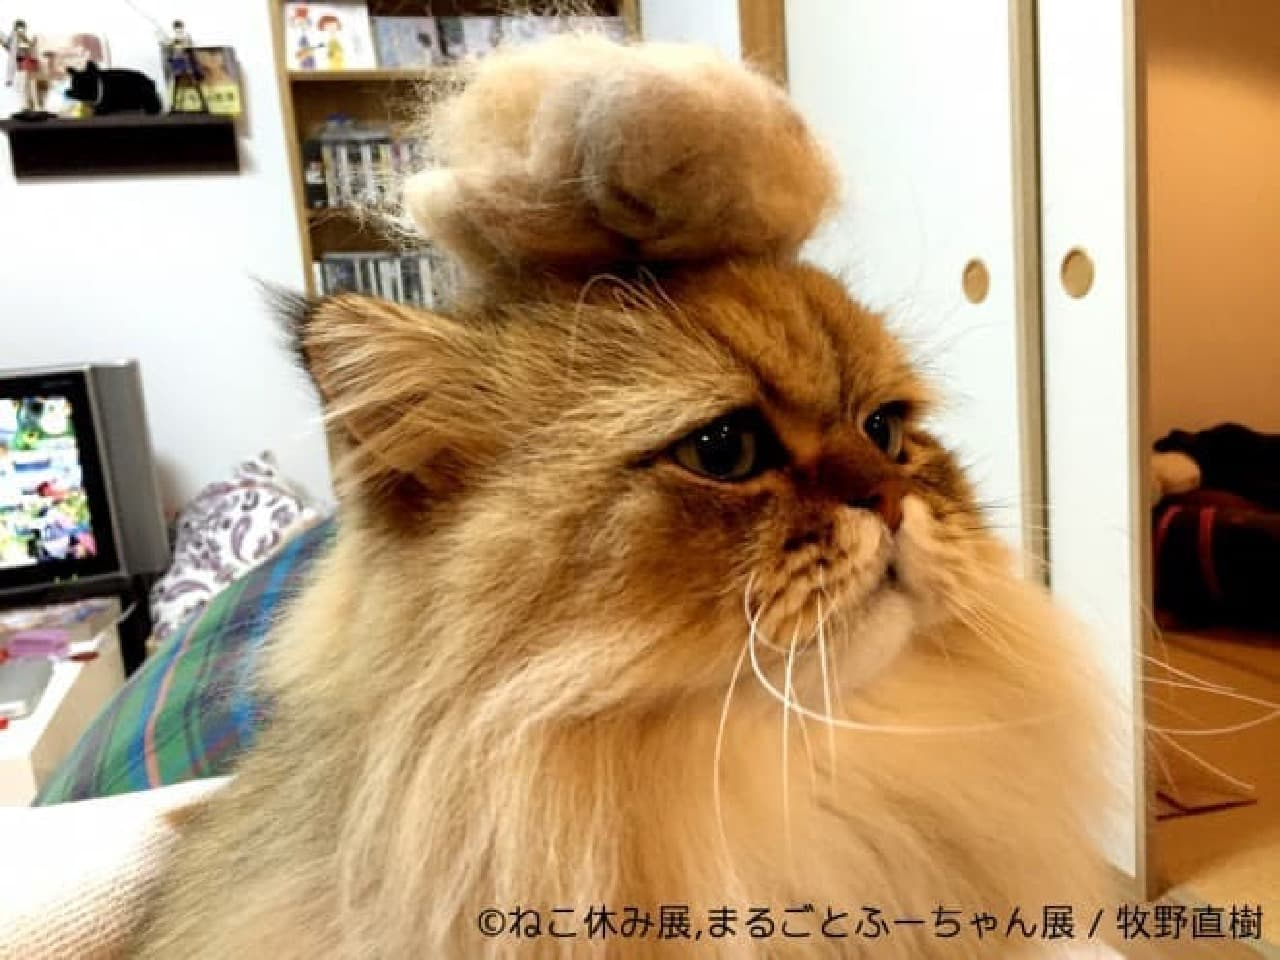 スター猫たちをフィーチャーした「ねこ休み展」巡回展&スピンオフ企画開催